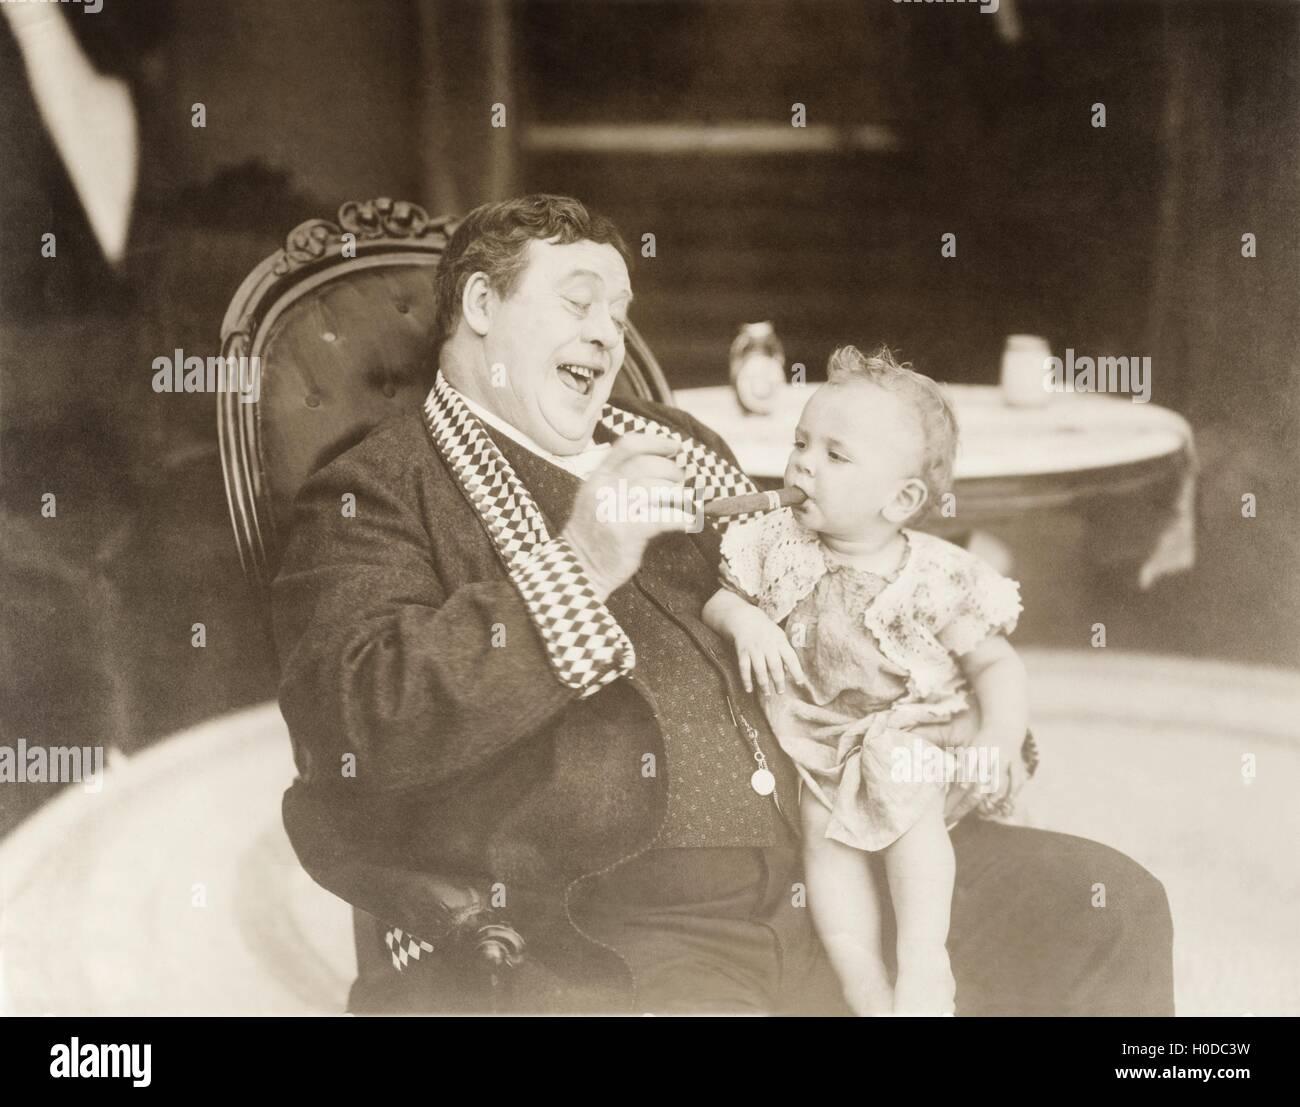 Man laughing at baby smoking cigar - Stock Image